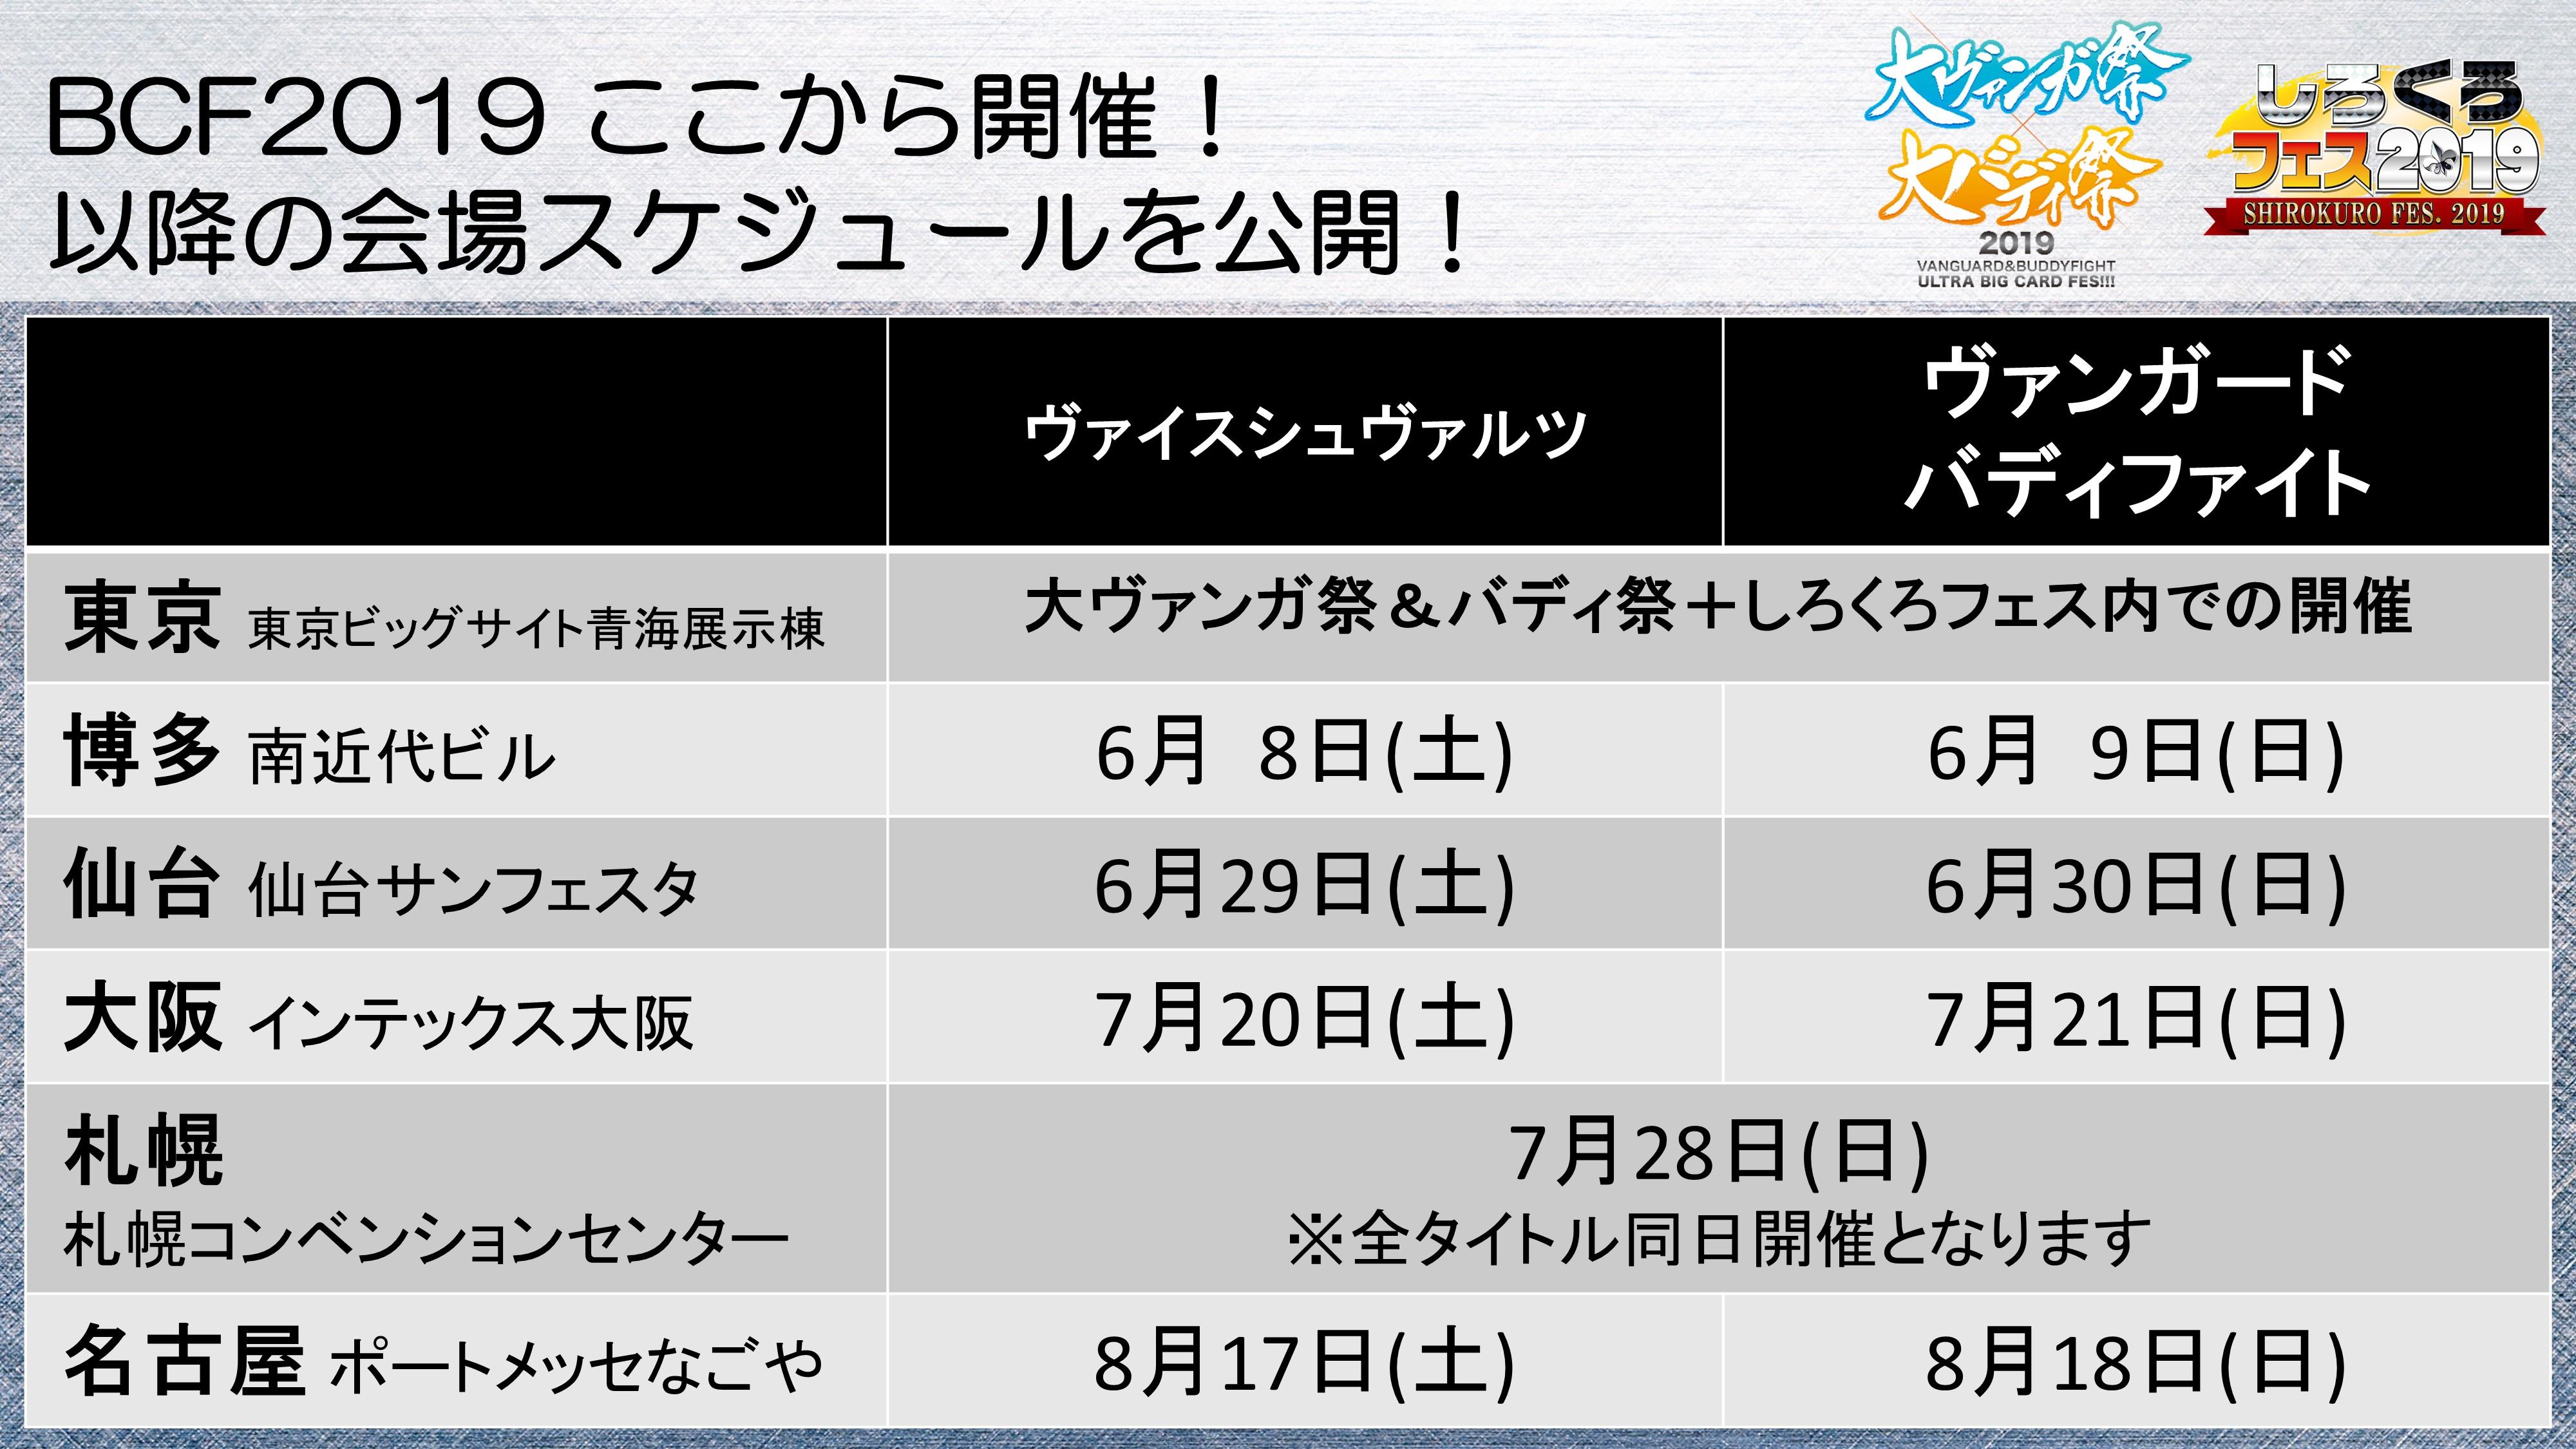 bcf2019_schedule.jpg